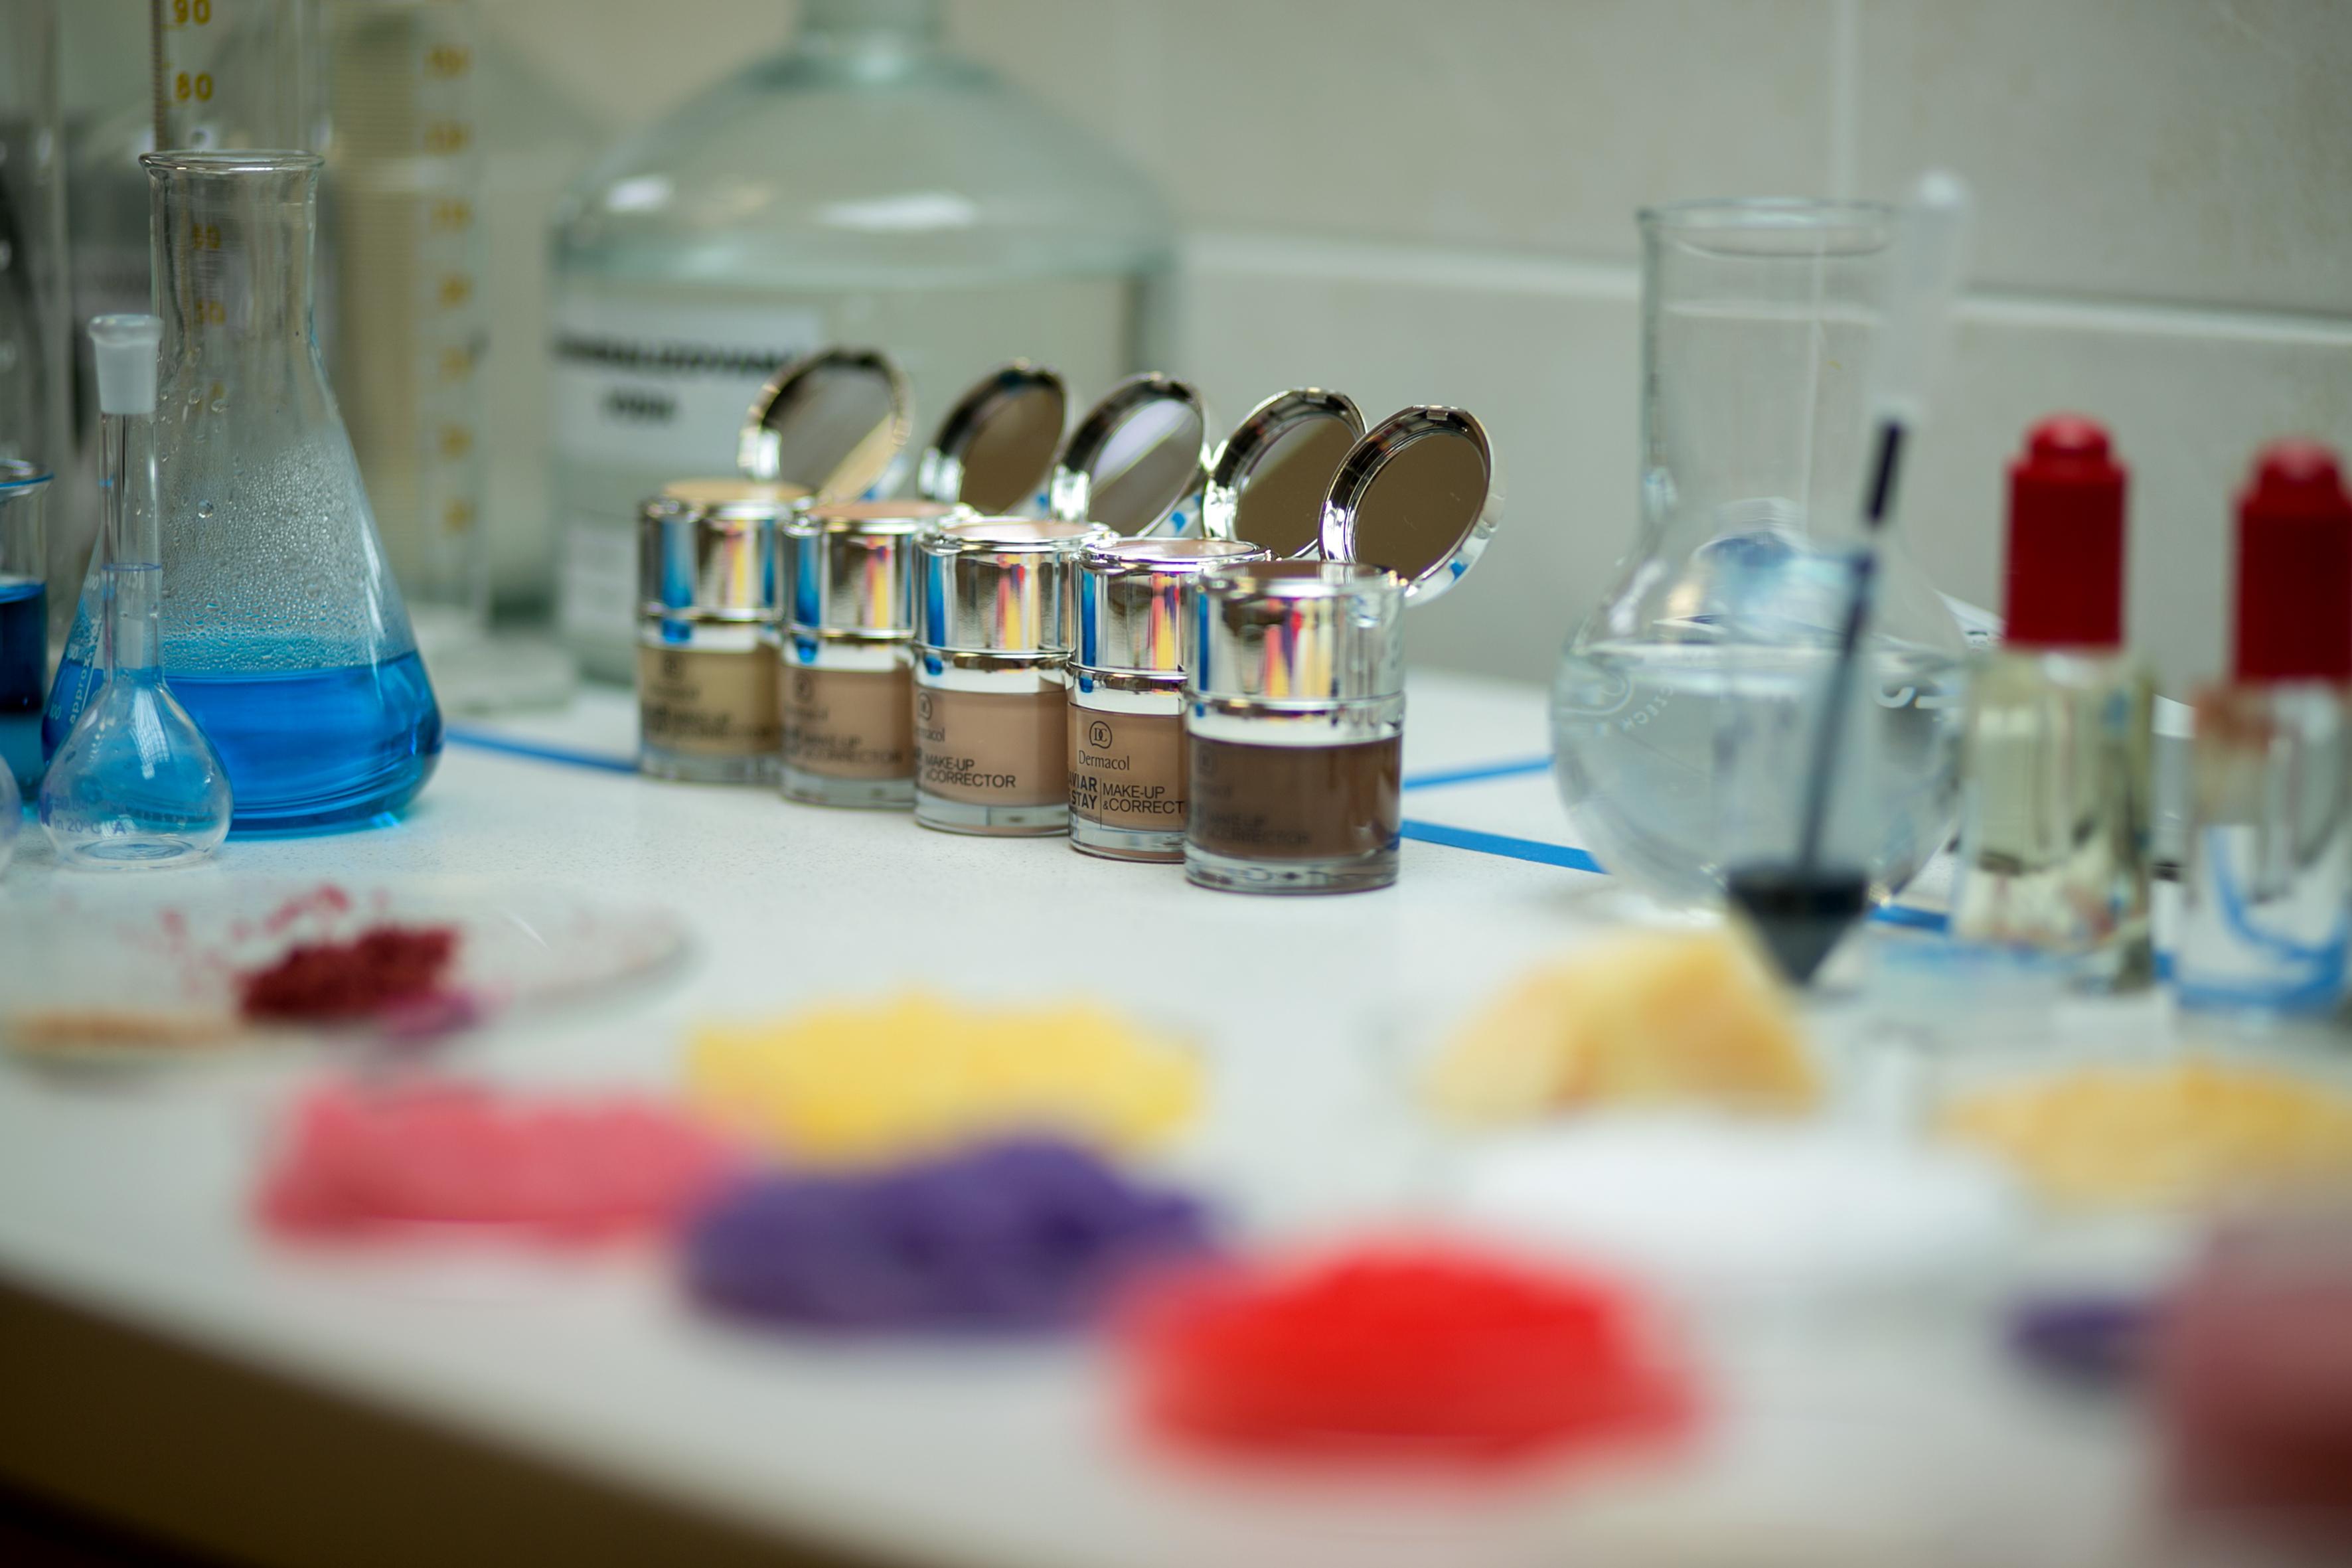 8_Laboratoř brněnské továrny_Vývoj make-upů patří v kosmetické branži k nejnáročnějším disciplnímám_foto Dermacol__repro zdarma